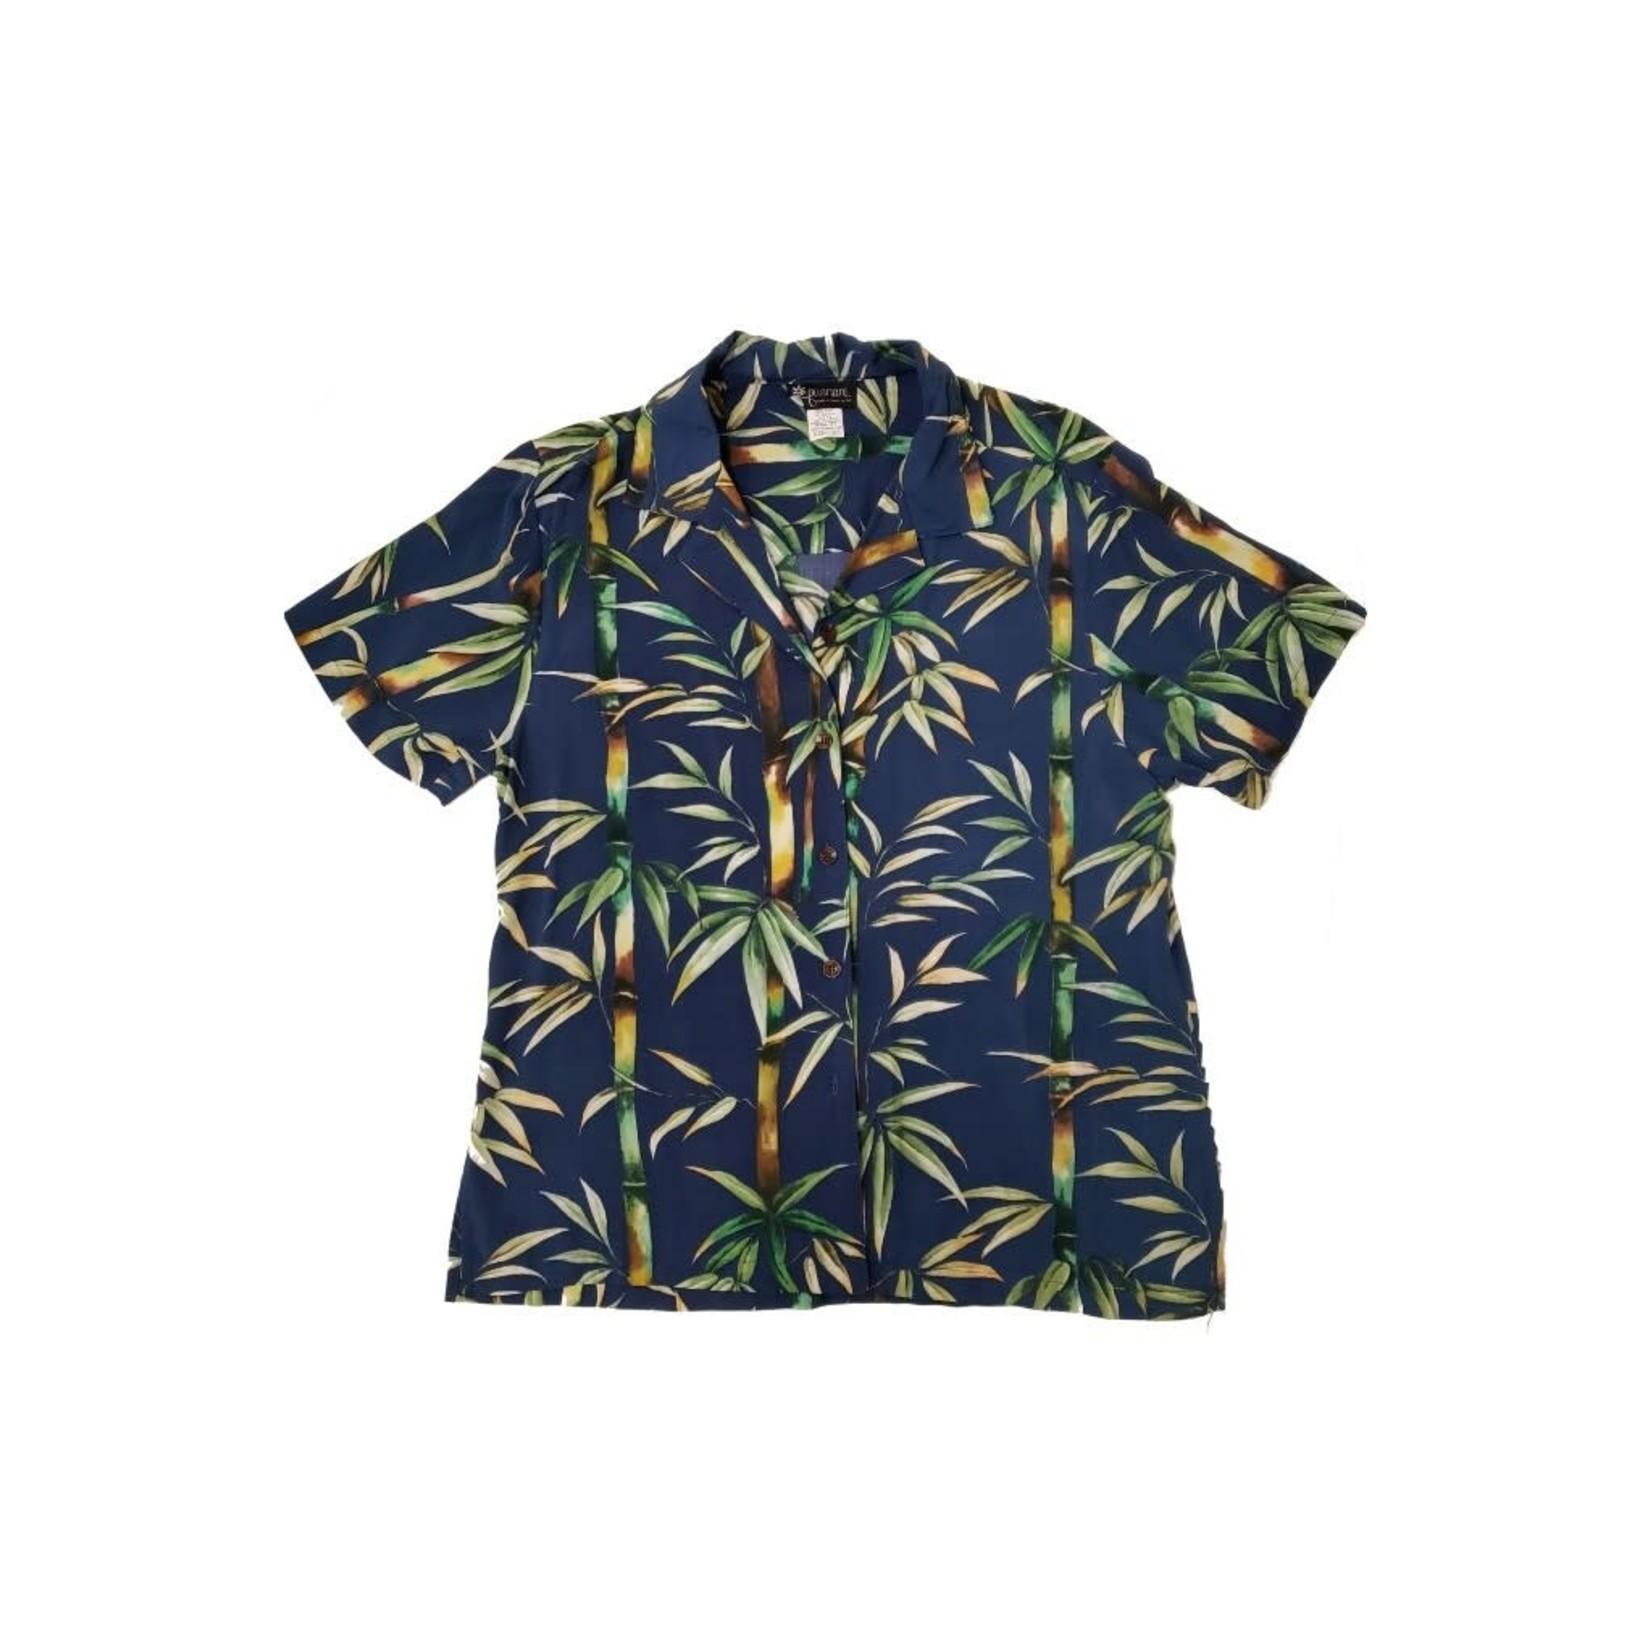 Robert J. Clancey Bamboo Blue Women's Camp Shirt